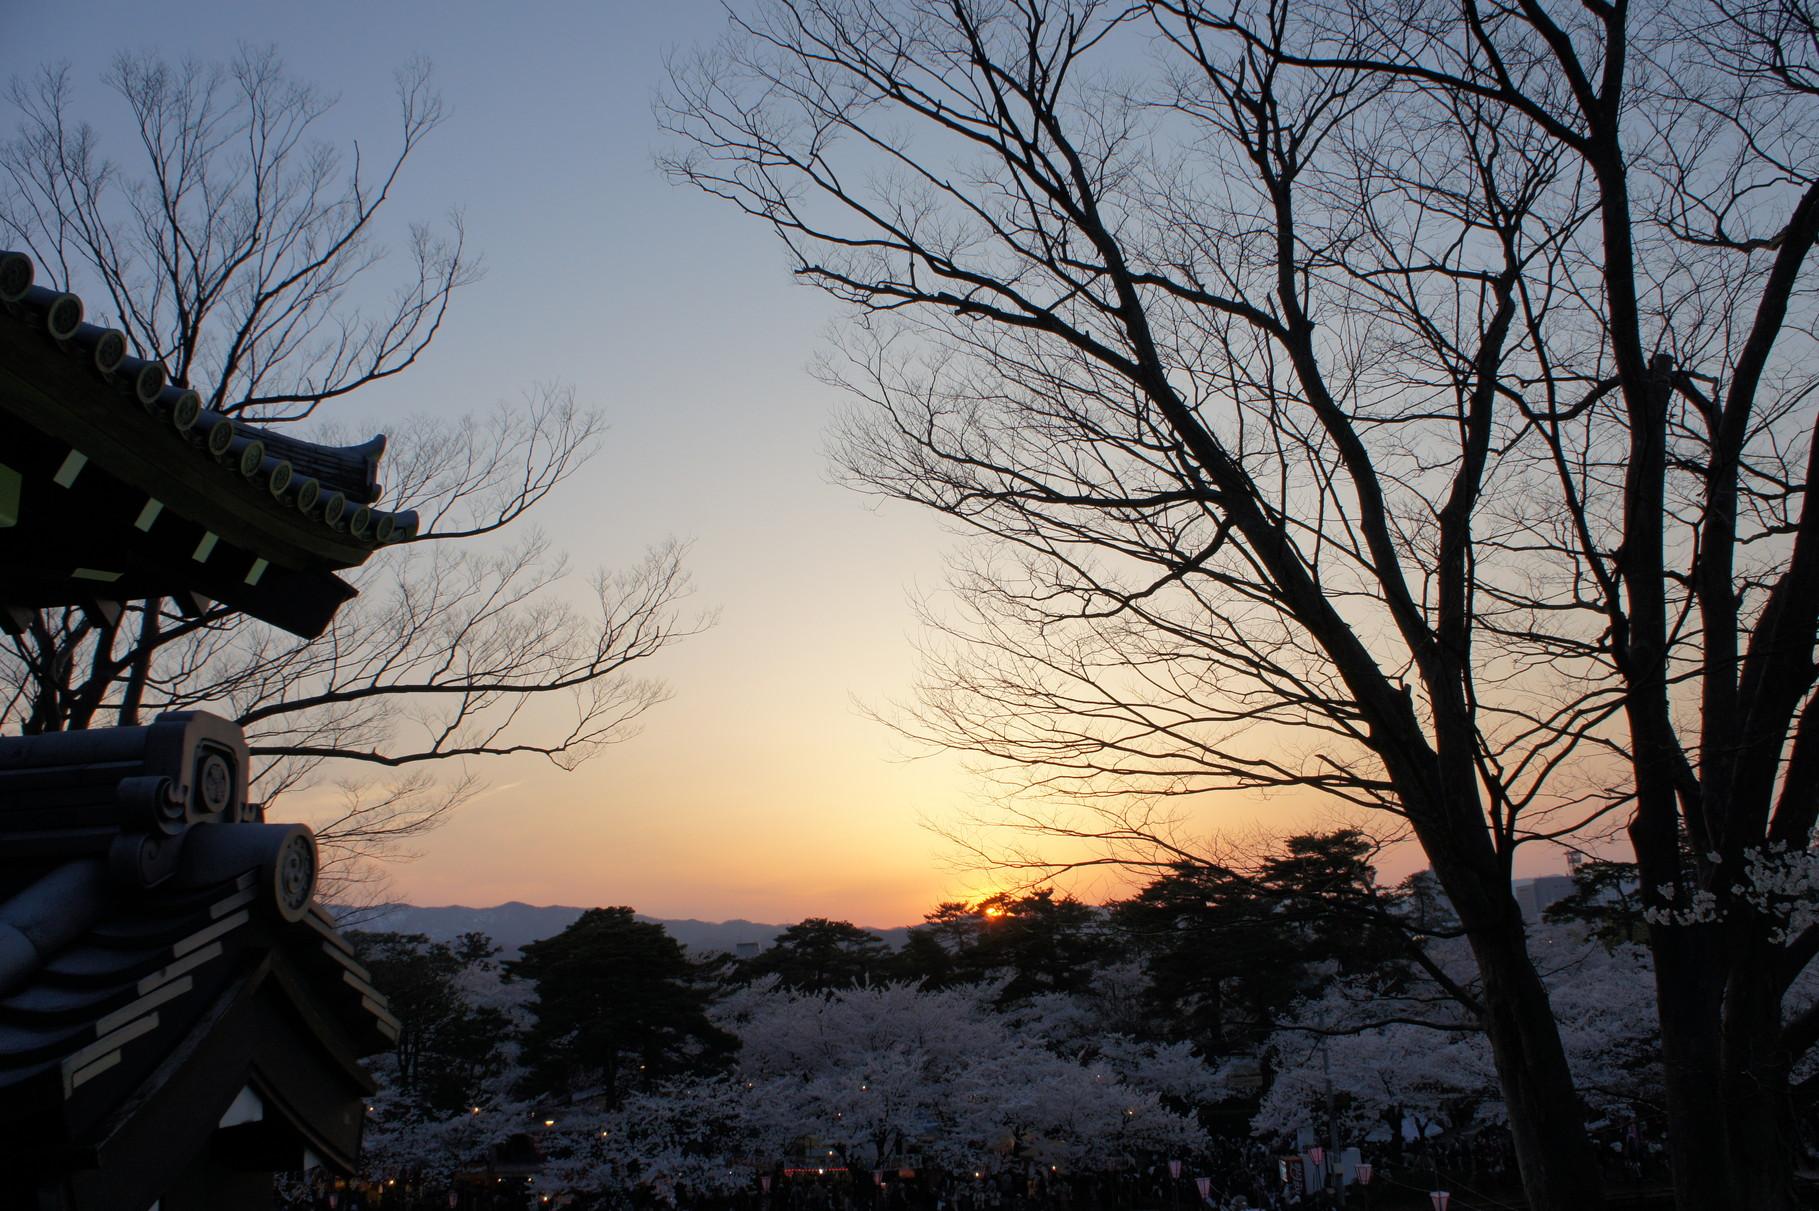 夕暮れどき。いよいよ夜桜のスタート